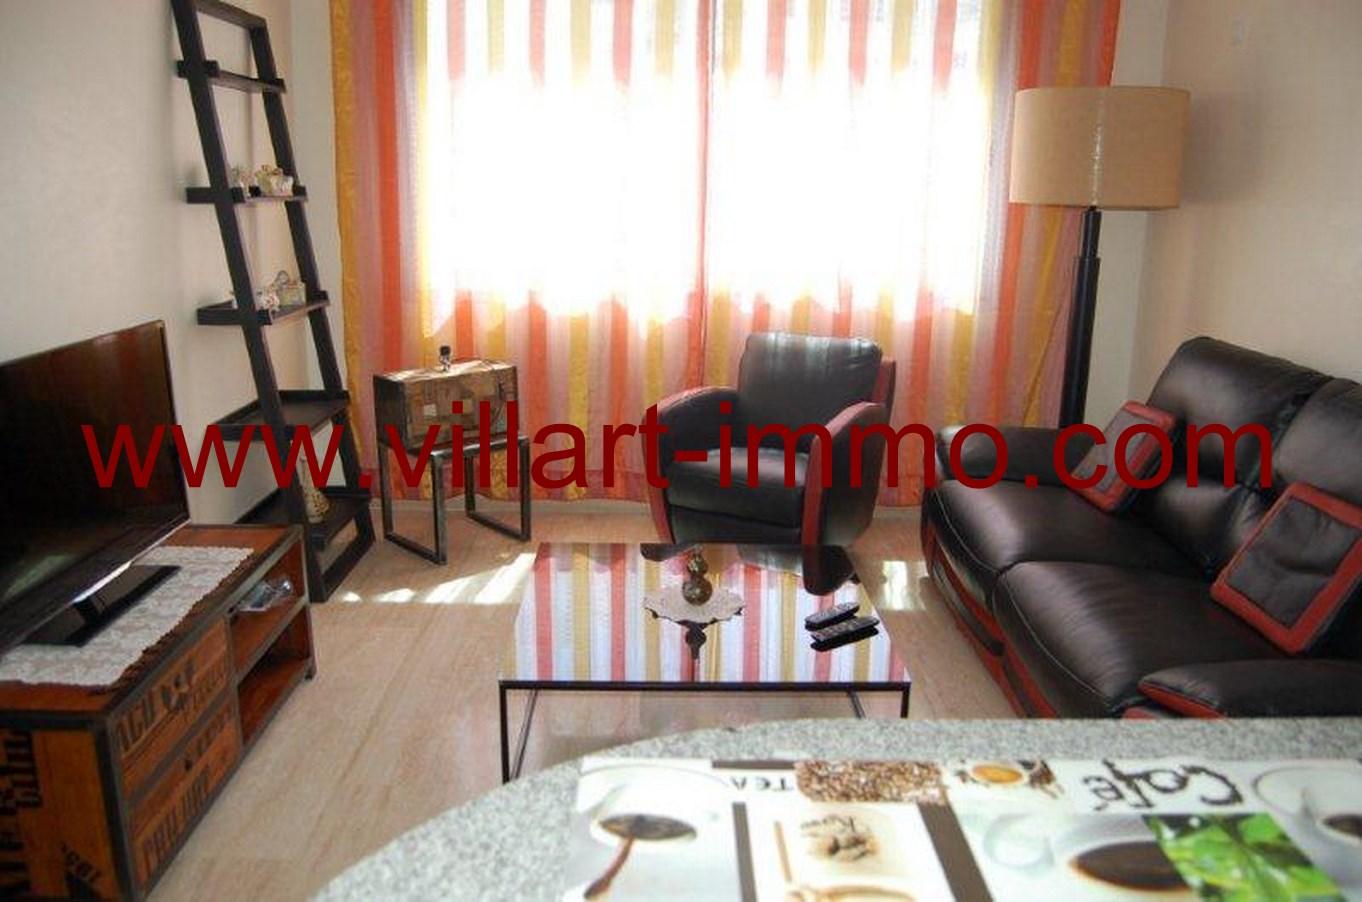 4-Location-Appartement-meublé-Tanger-salon-L678-Villart-immo